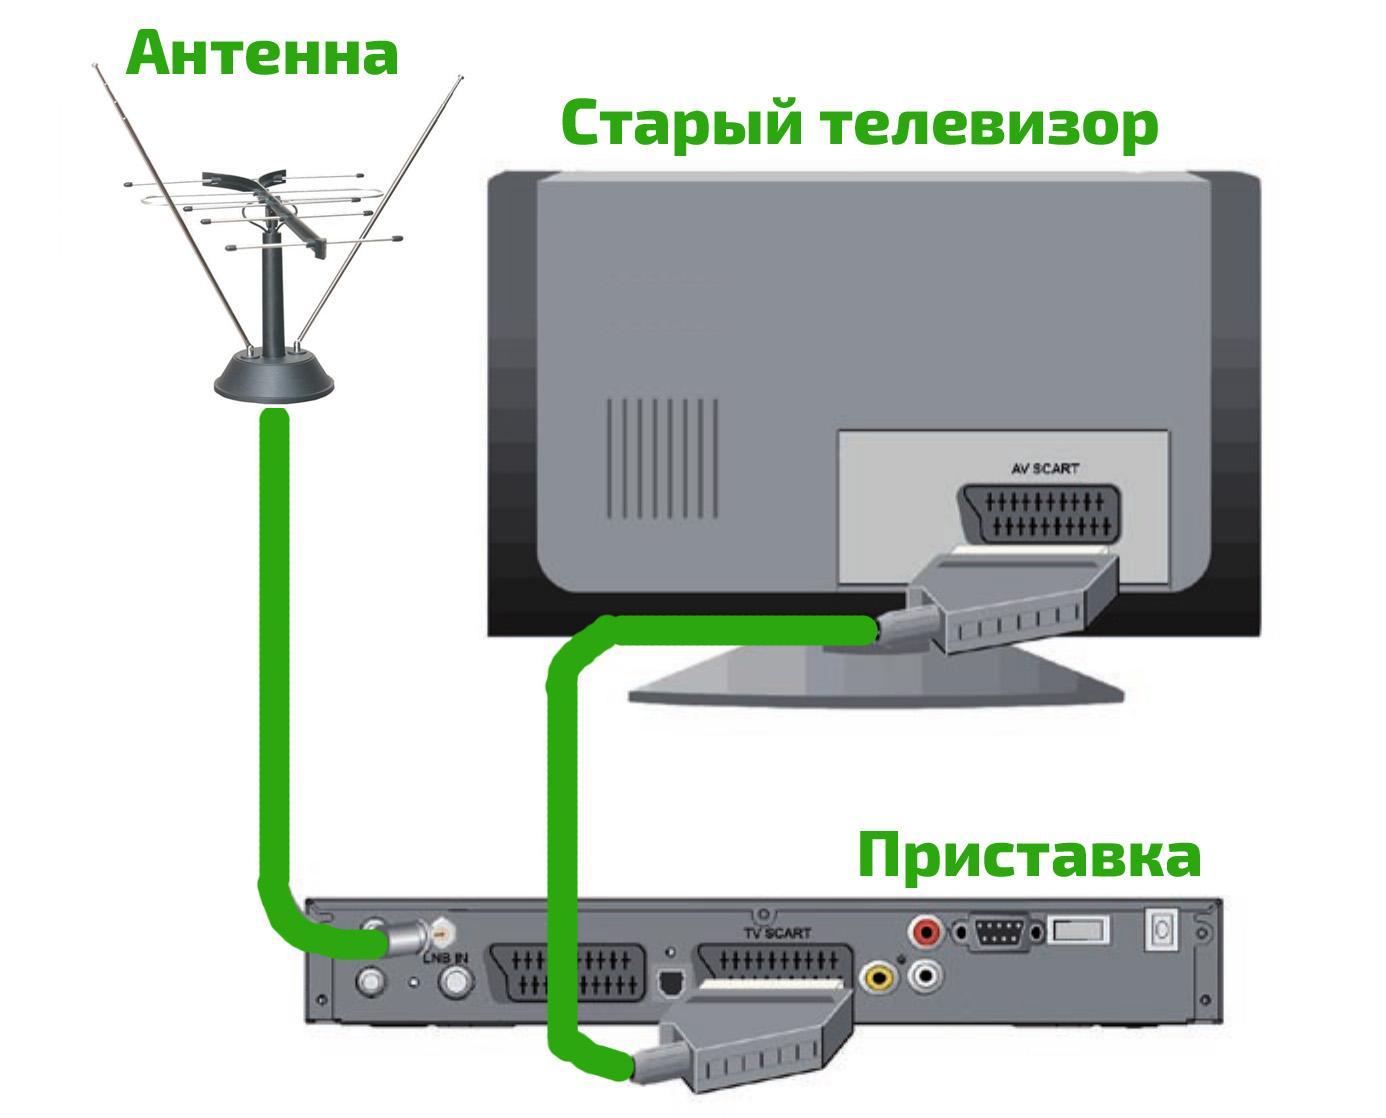 Подключение приставки по SCART